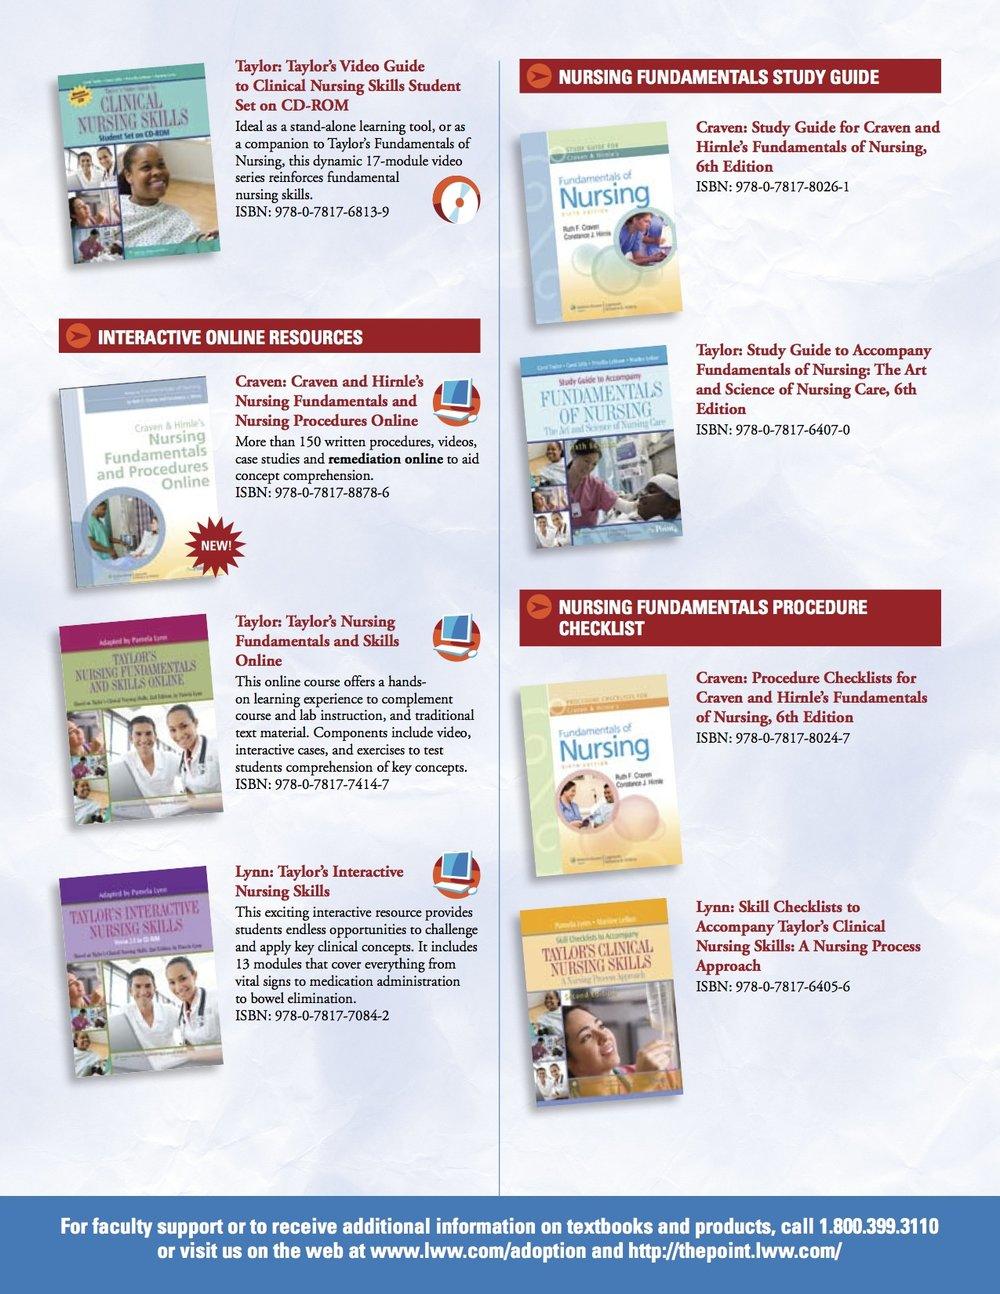 Nursing-Fundamentals-Brochure-2.jpg